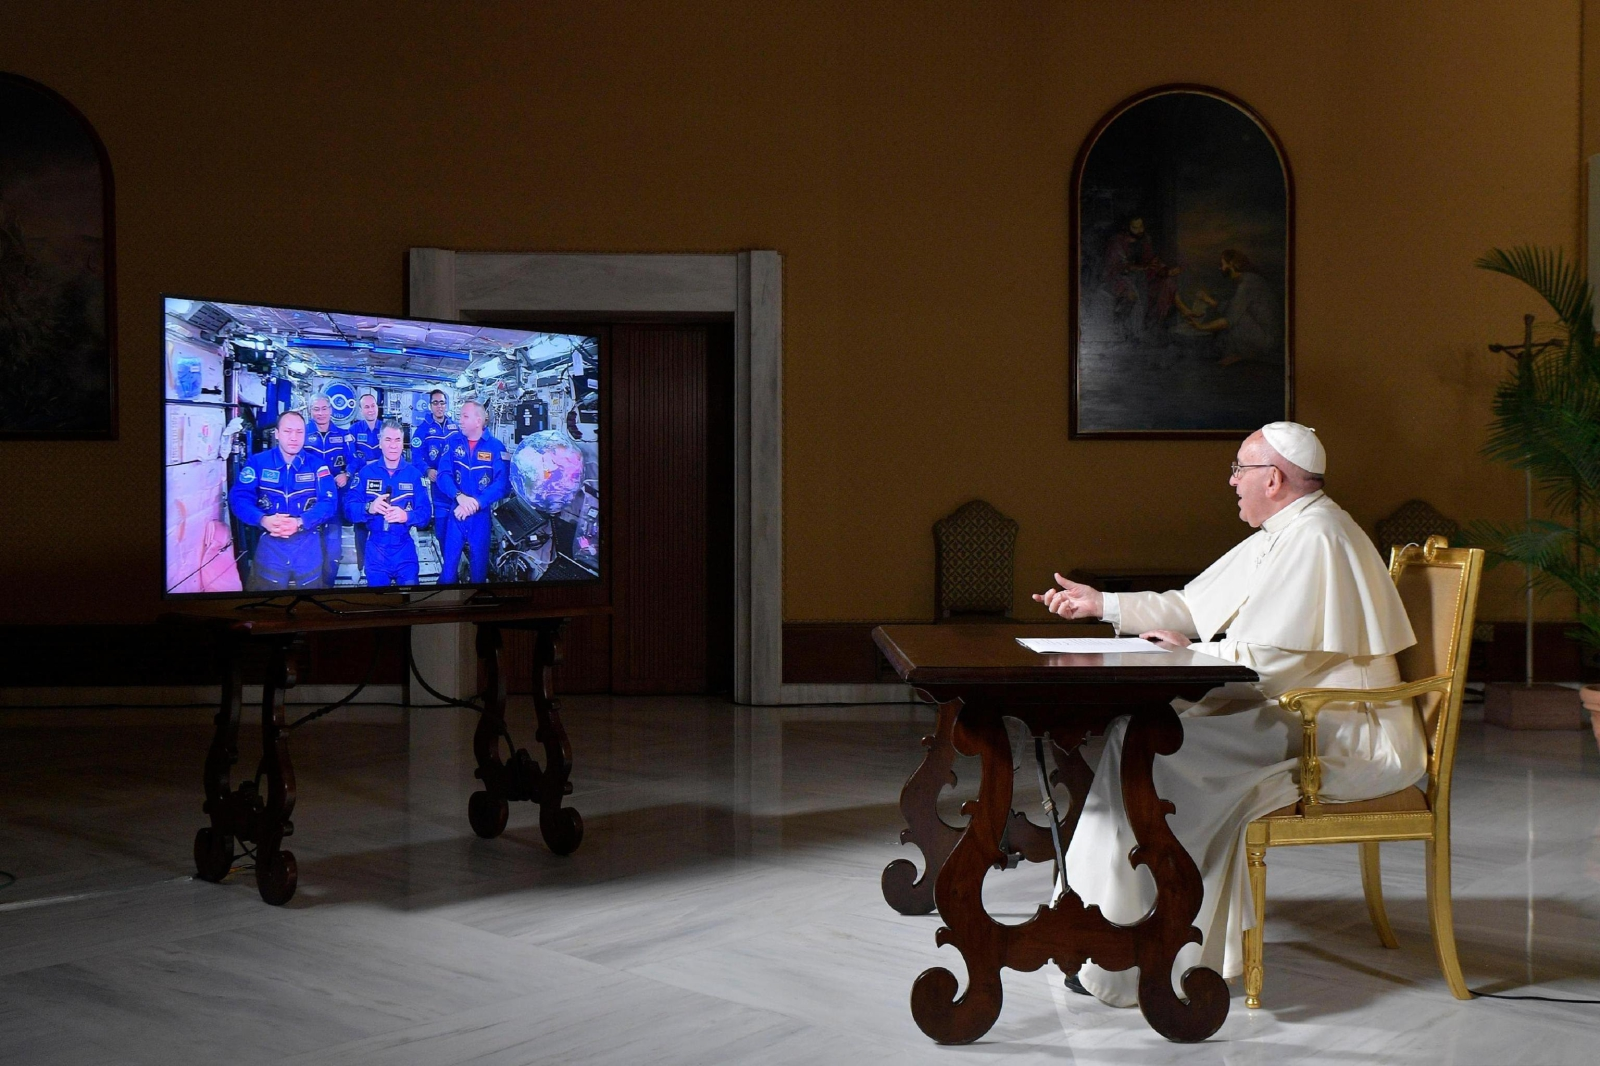 Papież w dzisiejszej rozmowie z astronautami przebywającymi na Międzynarodowej Stacji Kosmicznej, Watykan